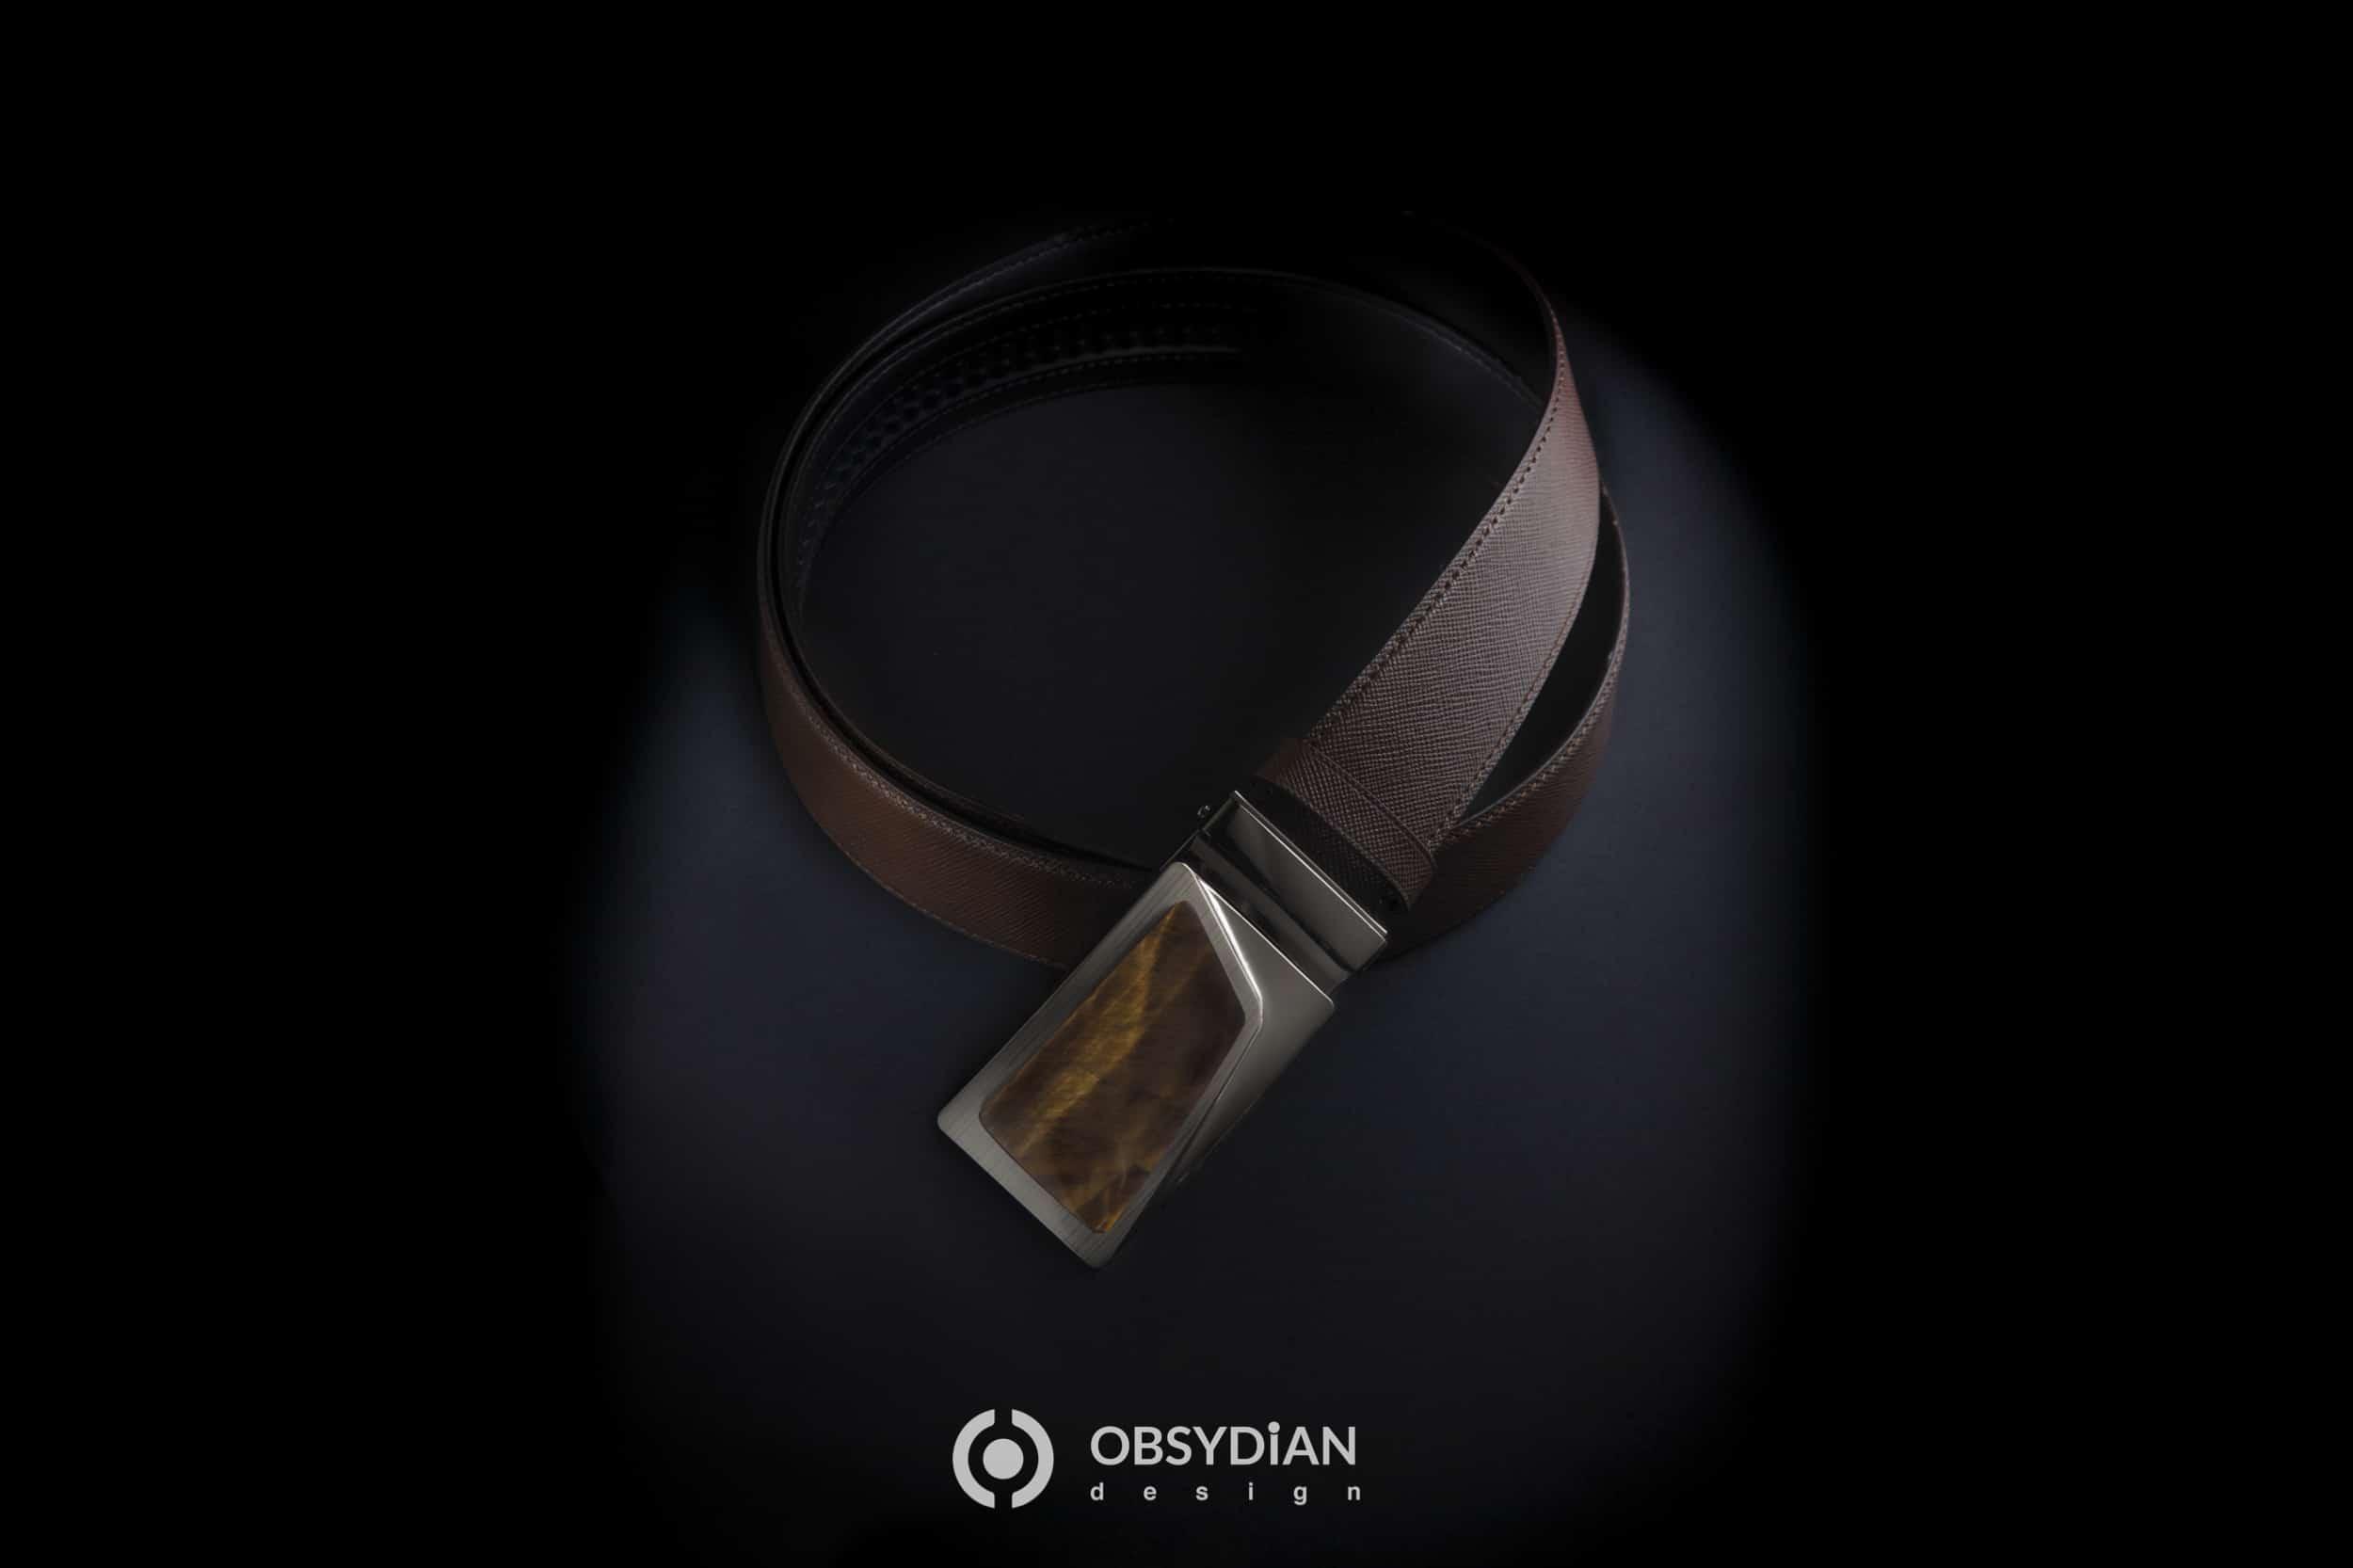 Obsydan Fuorisalone2017